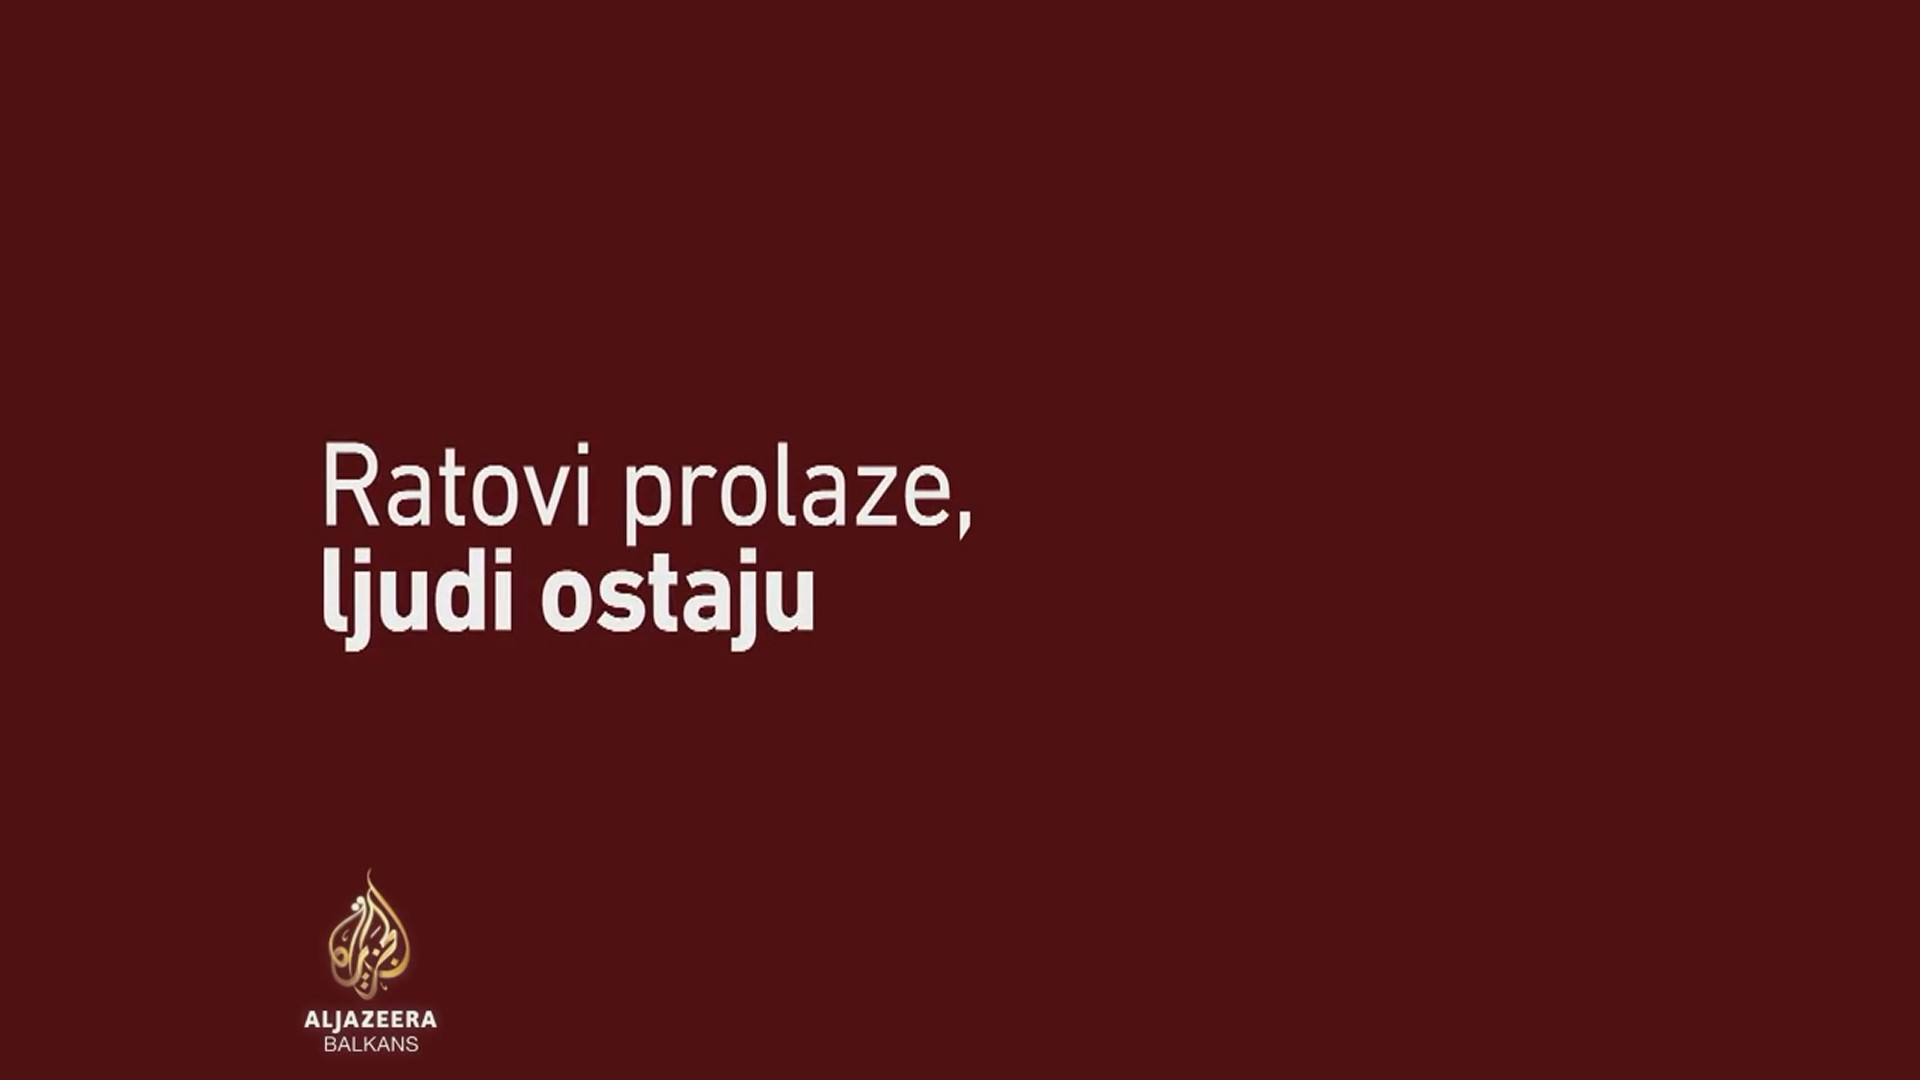 RATOVI PROLAZE, LJUDI OSTAJU, dokumentarni film o Đorđu Balaševiću